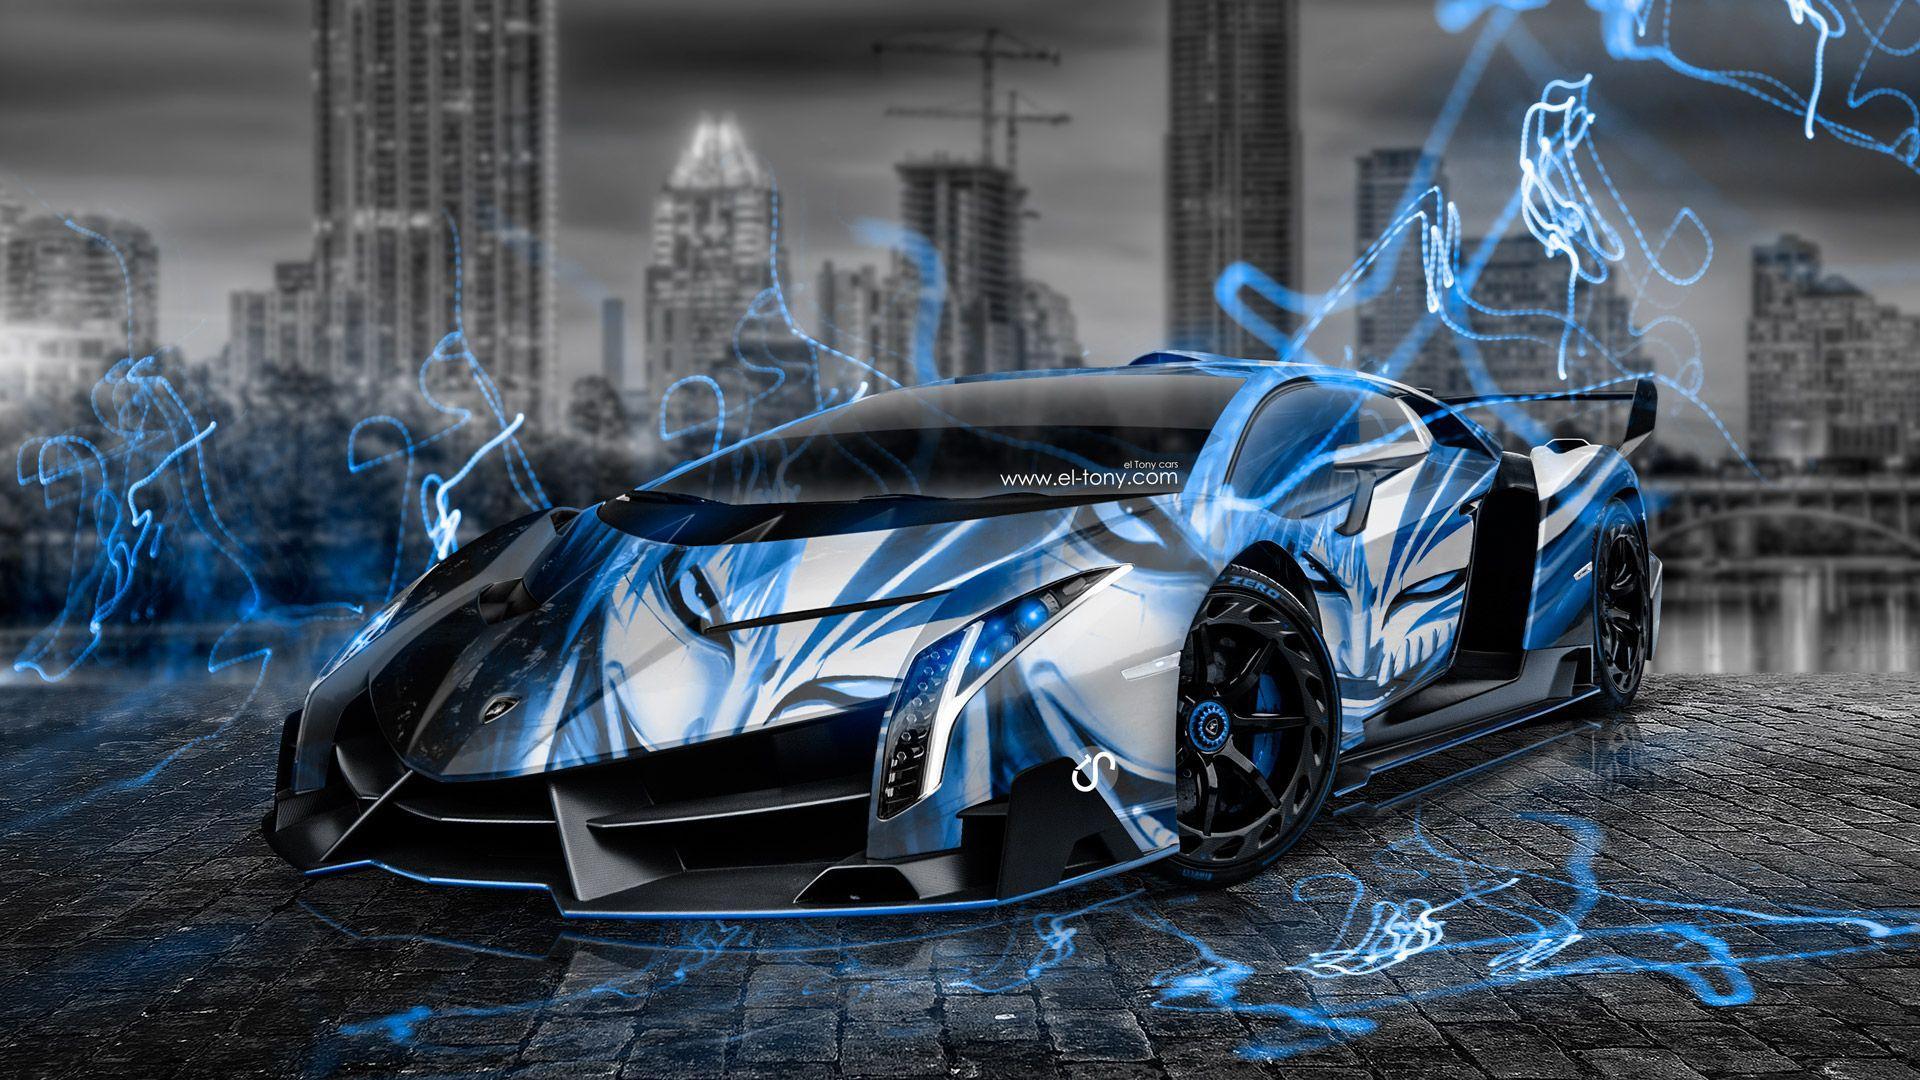 Neon Lamborghini Wallpapers - Wallpaper Cave